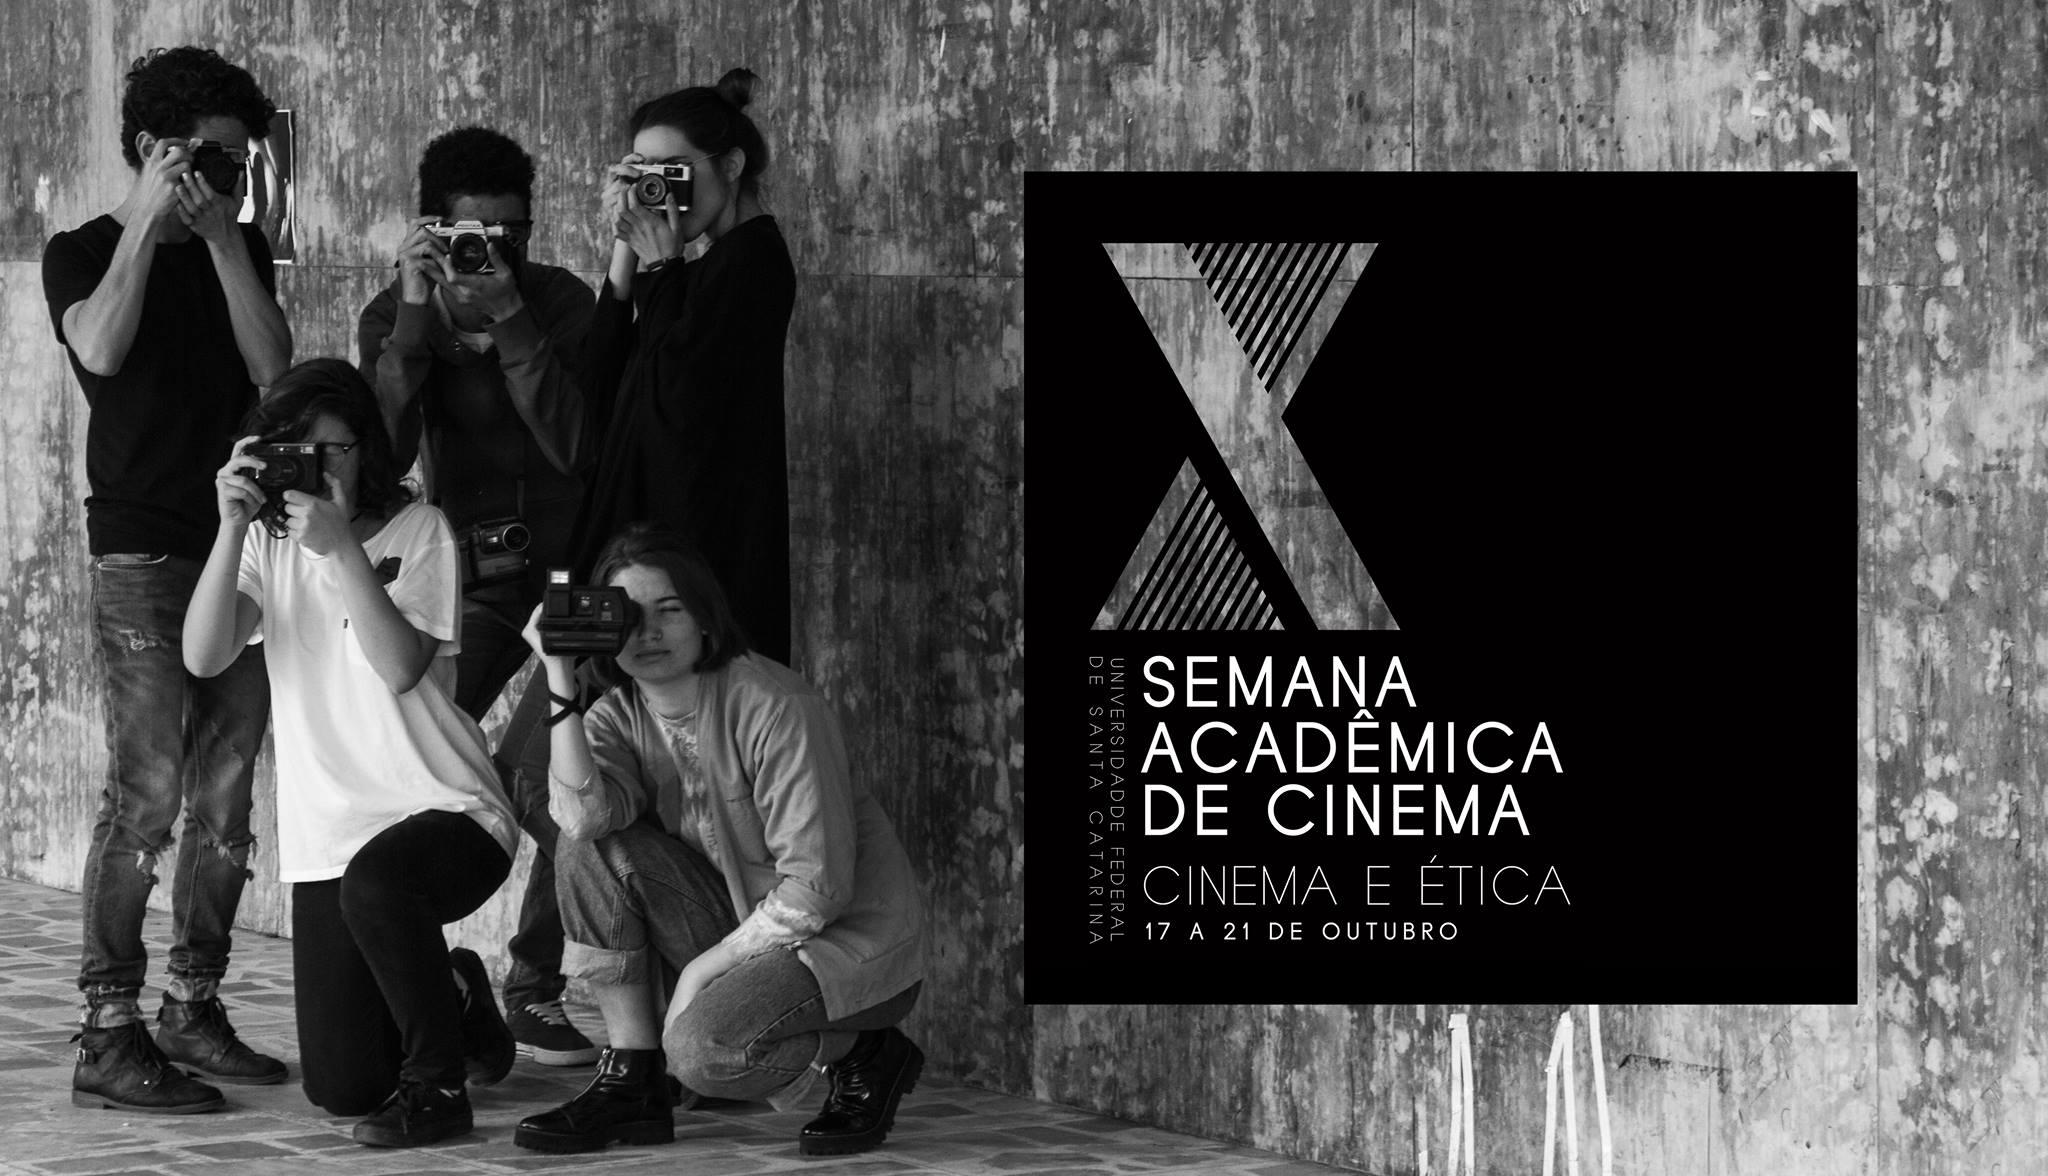 Divulgação da X Semana Acadêmica de Cinema - 17 a 21/10/2016